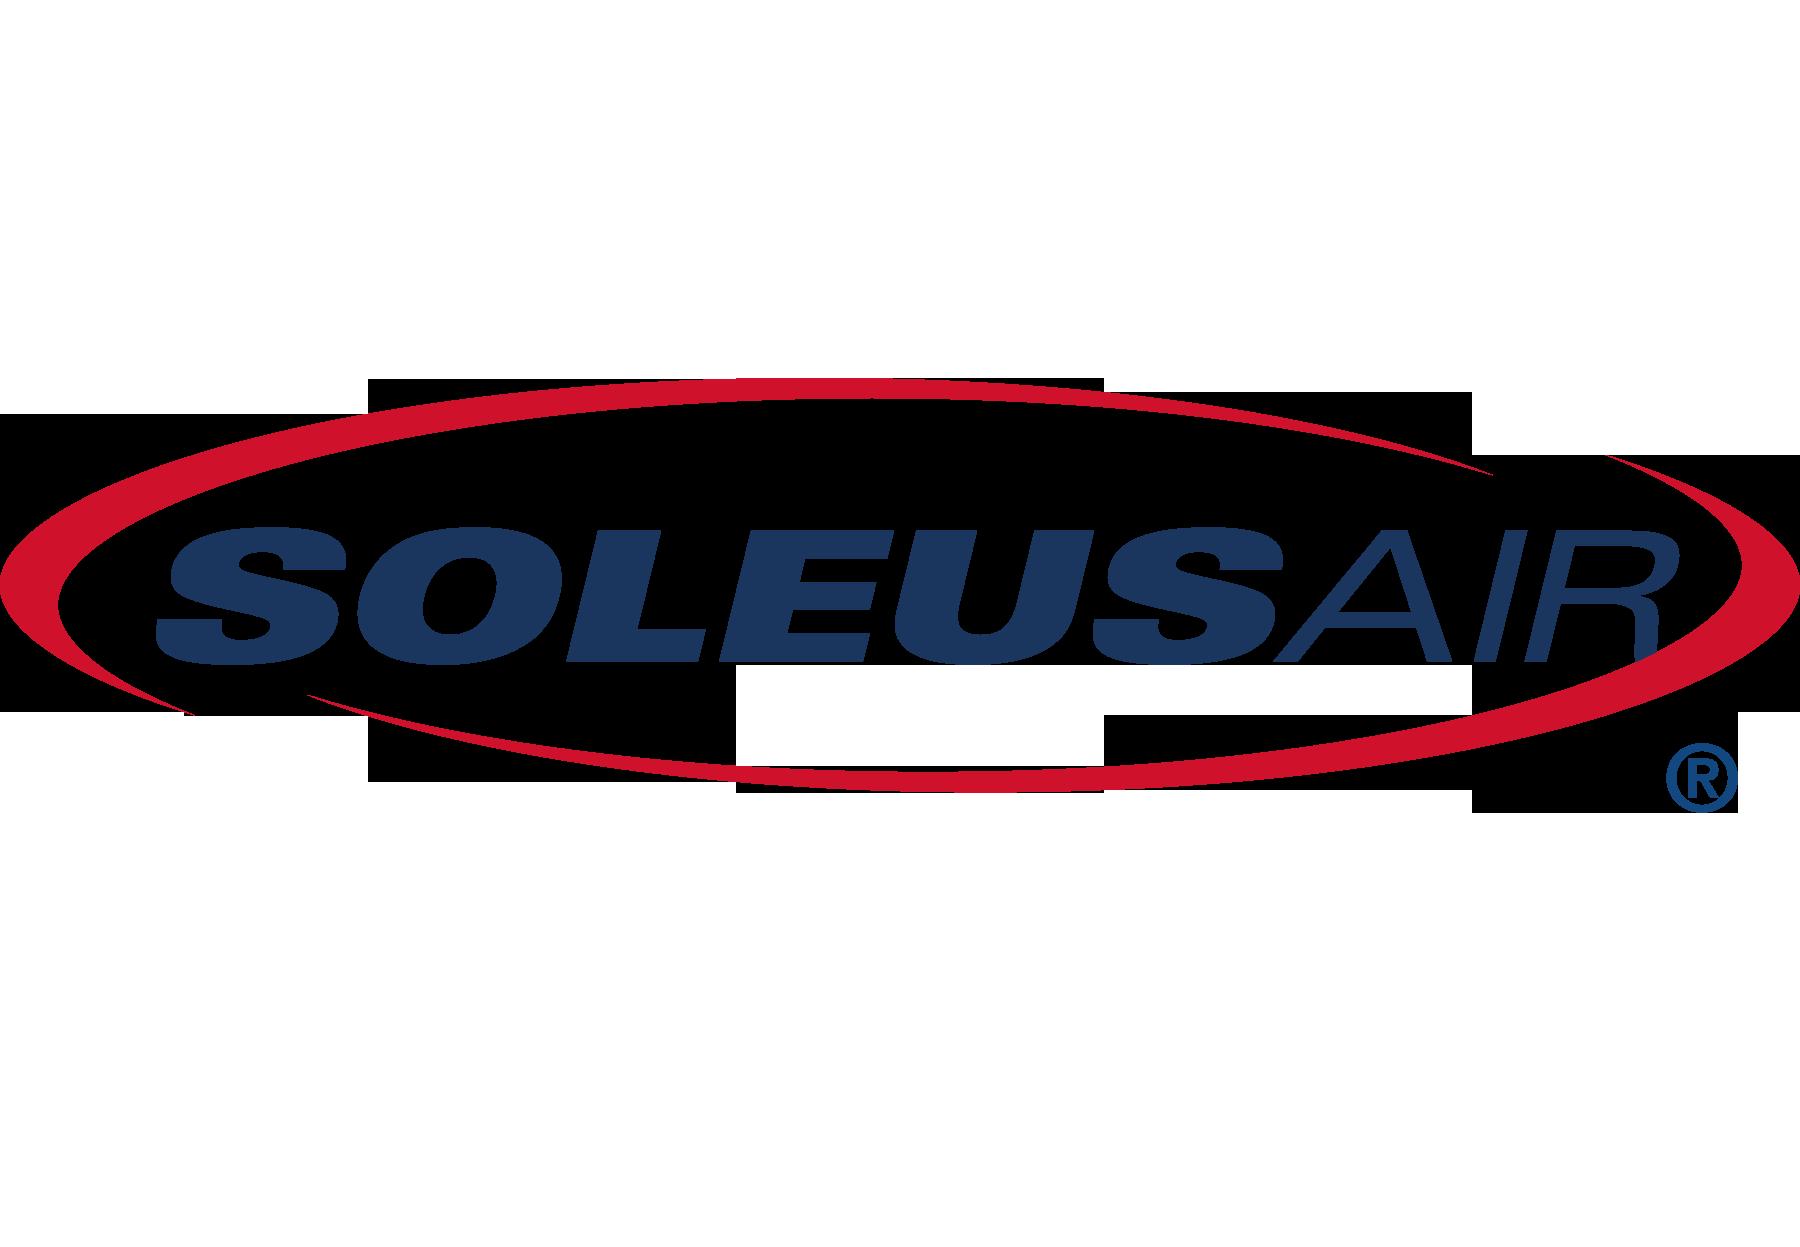 Soleusair